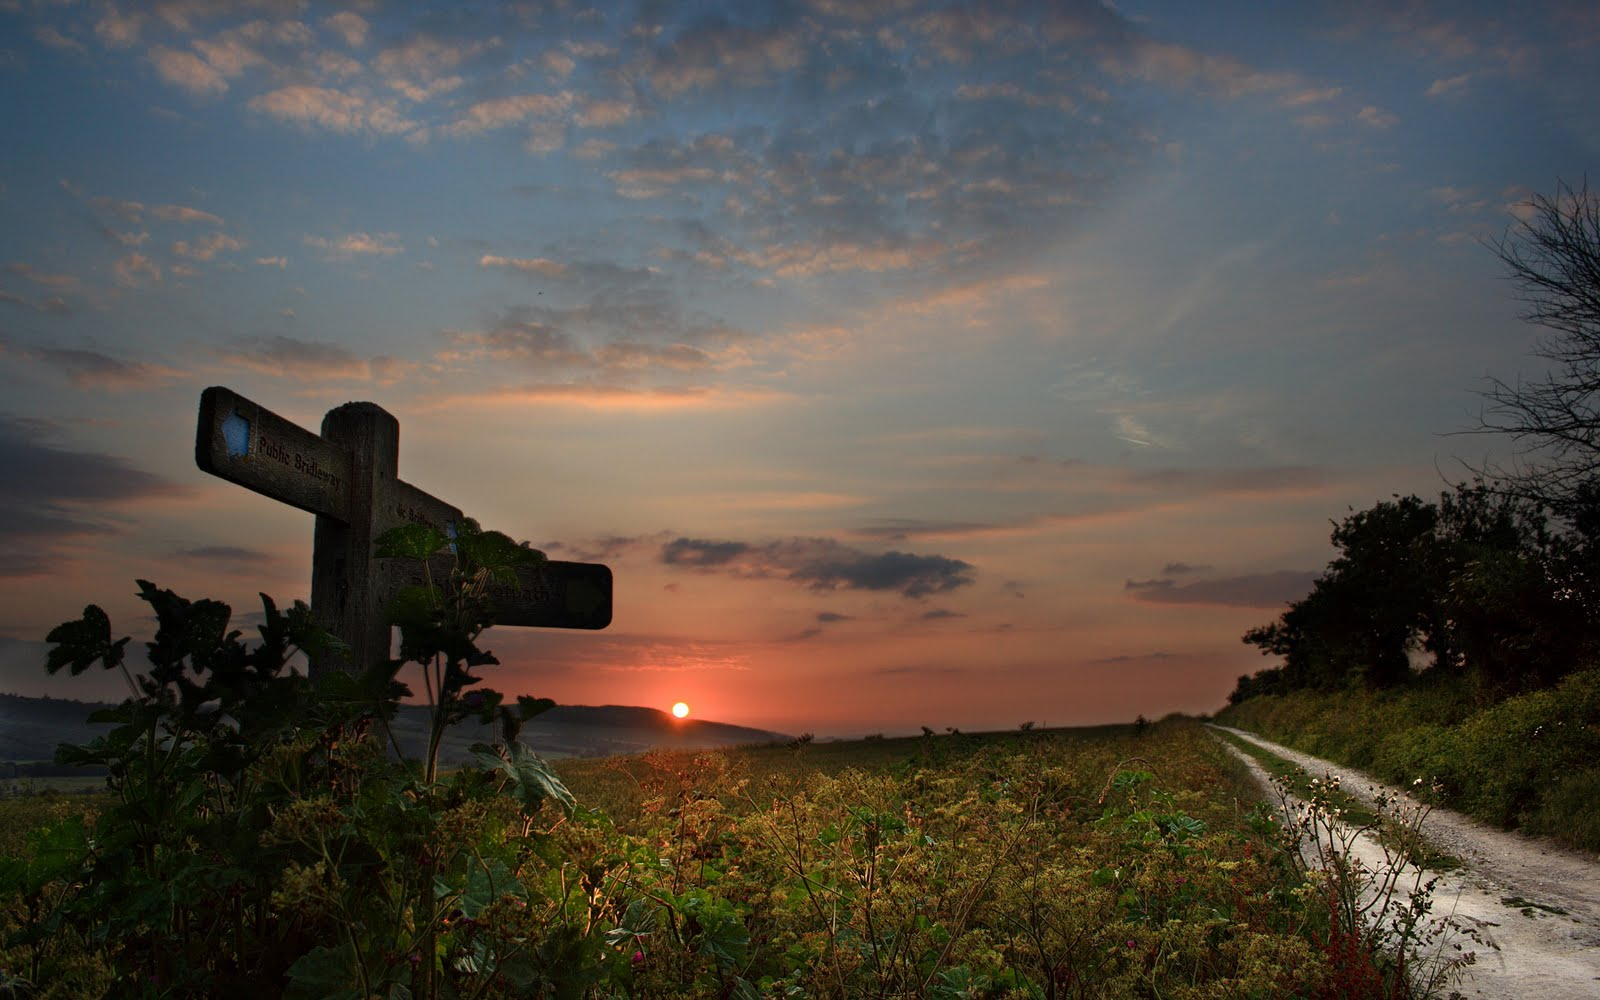 http://1.bp.blogspot.com/_Ym3du2sG3R4/TJbq1Ks4XyI/AAAAAAAAC1Q/BSrVn0-cYAE/s1600/Sunset-HQ-wallpaper.jpg